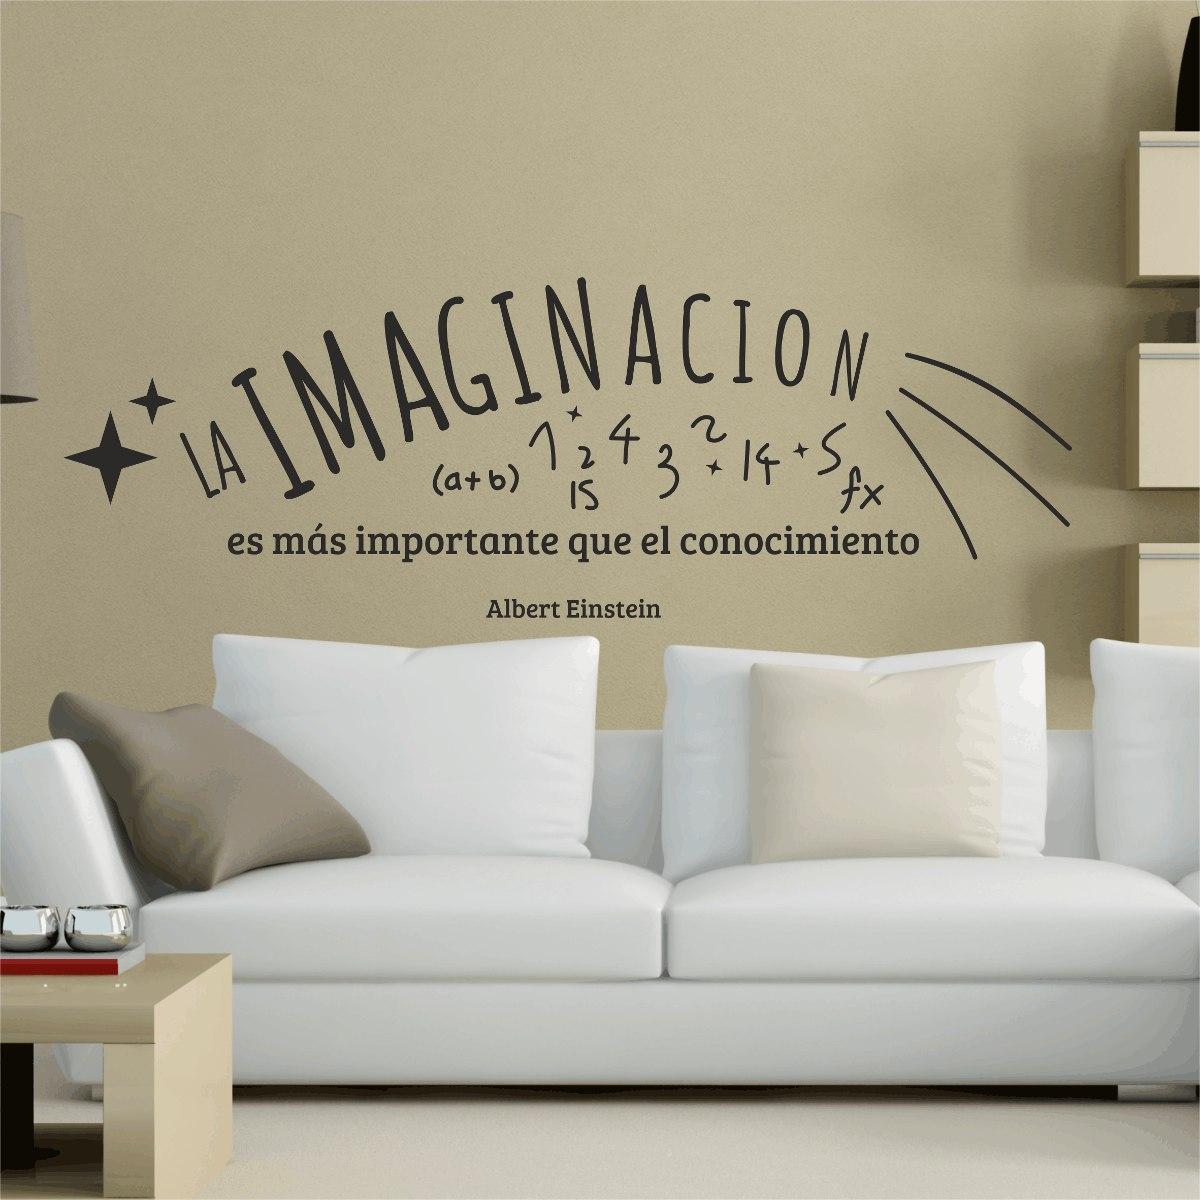 Vinilos Decorativos Frases Citas Promocion 3 X 4 Unidades - $ 421,00 ...